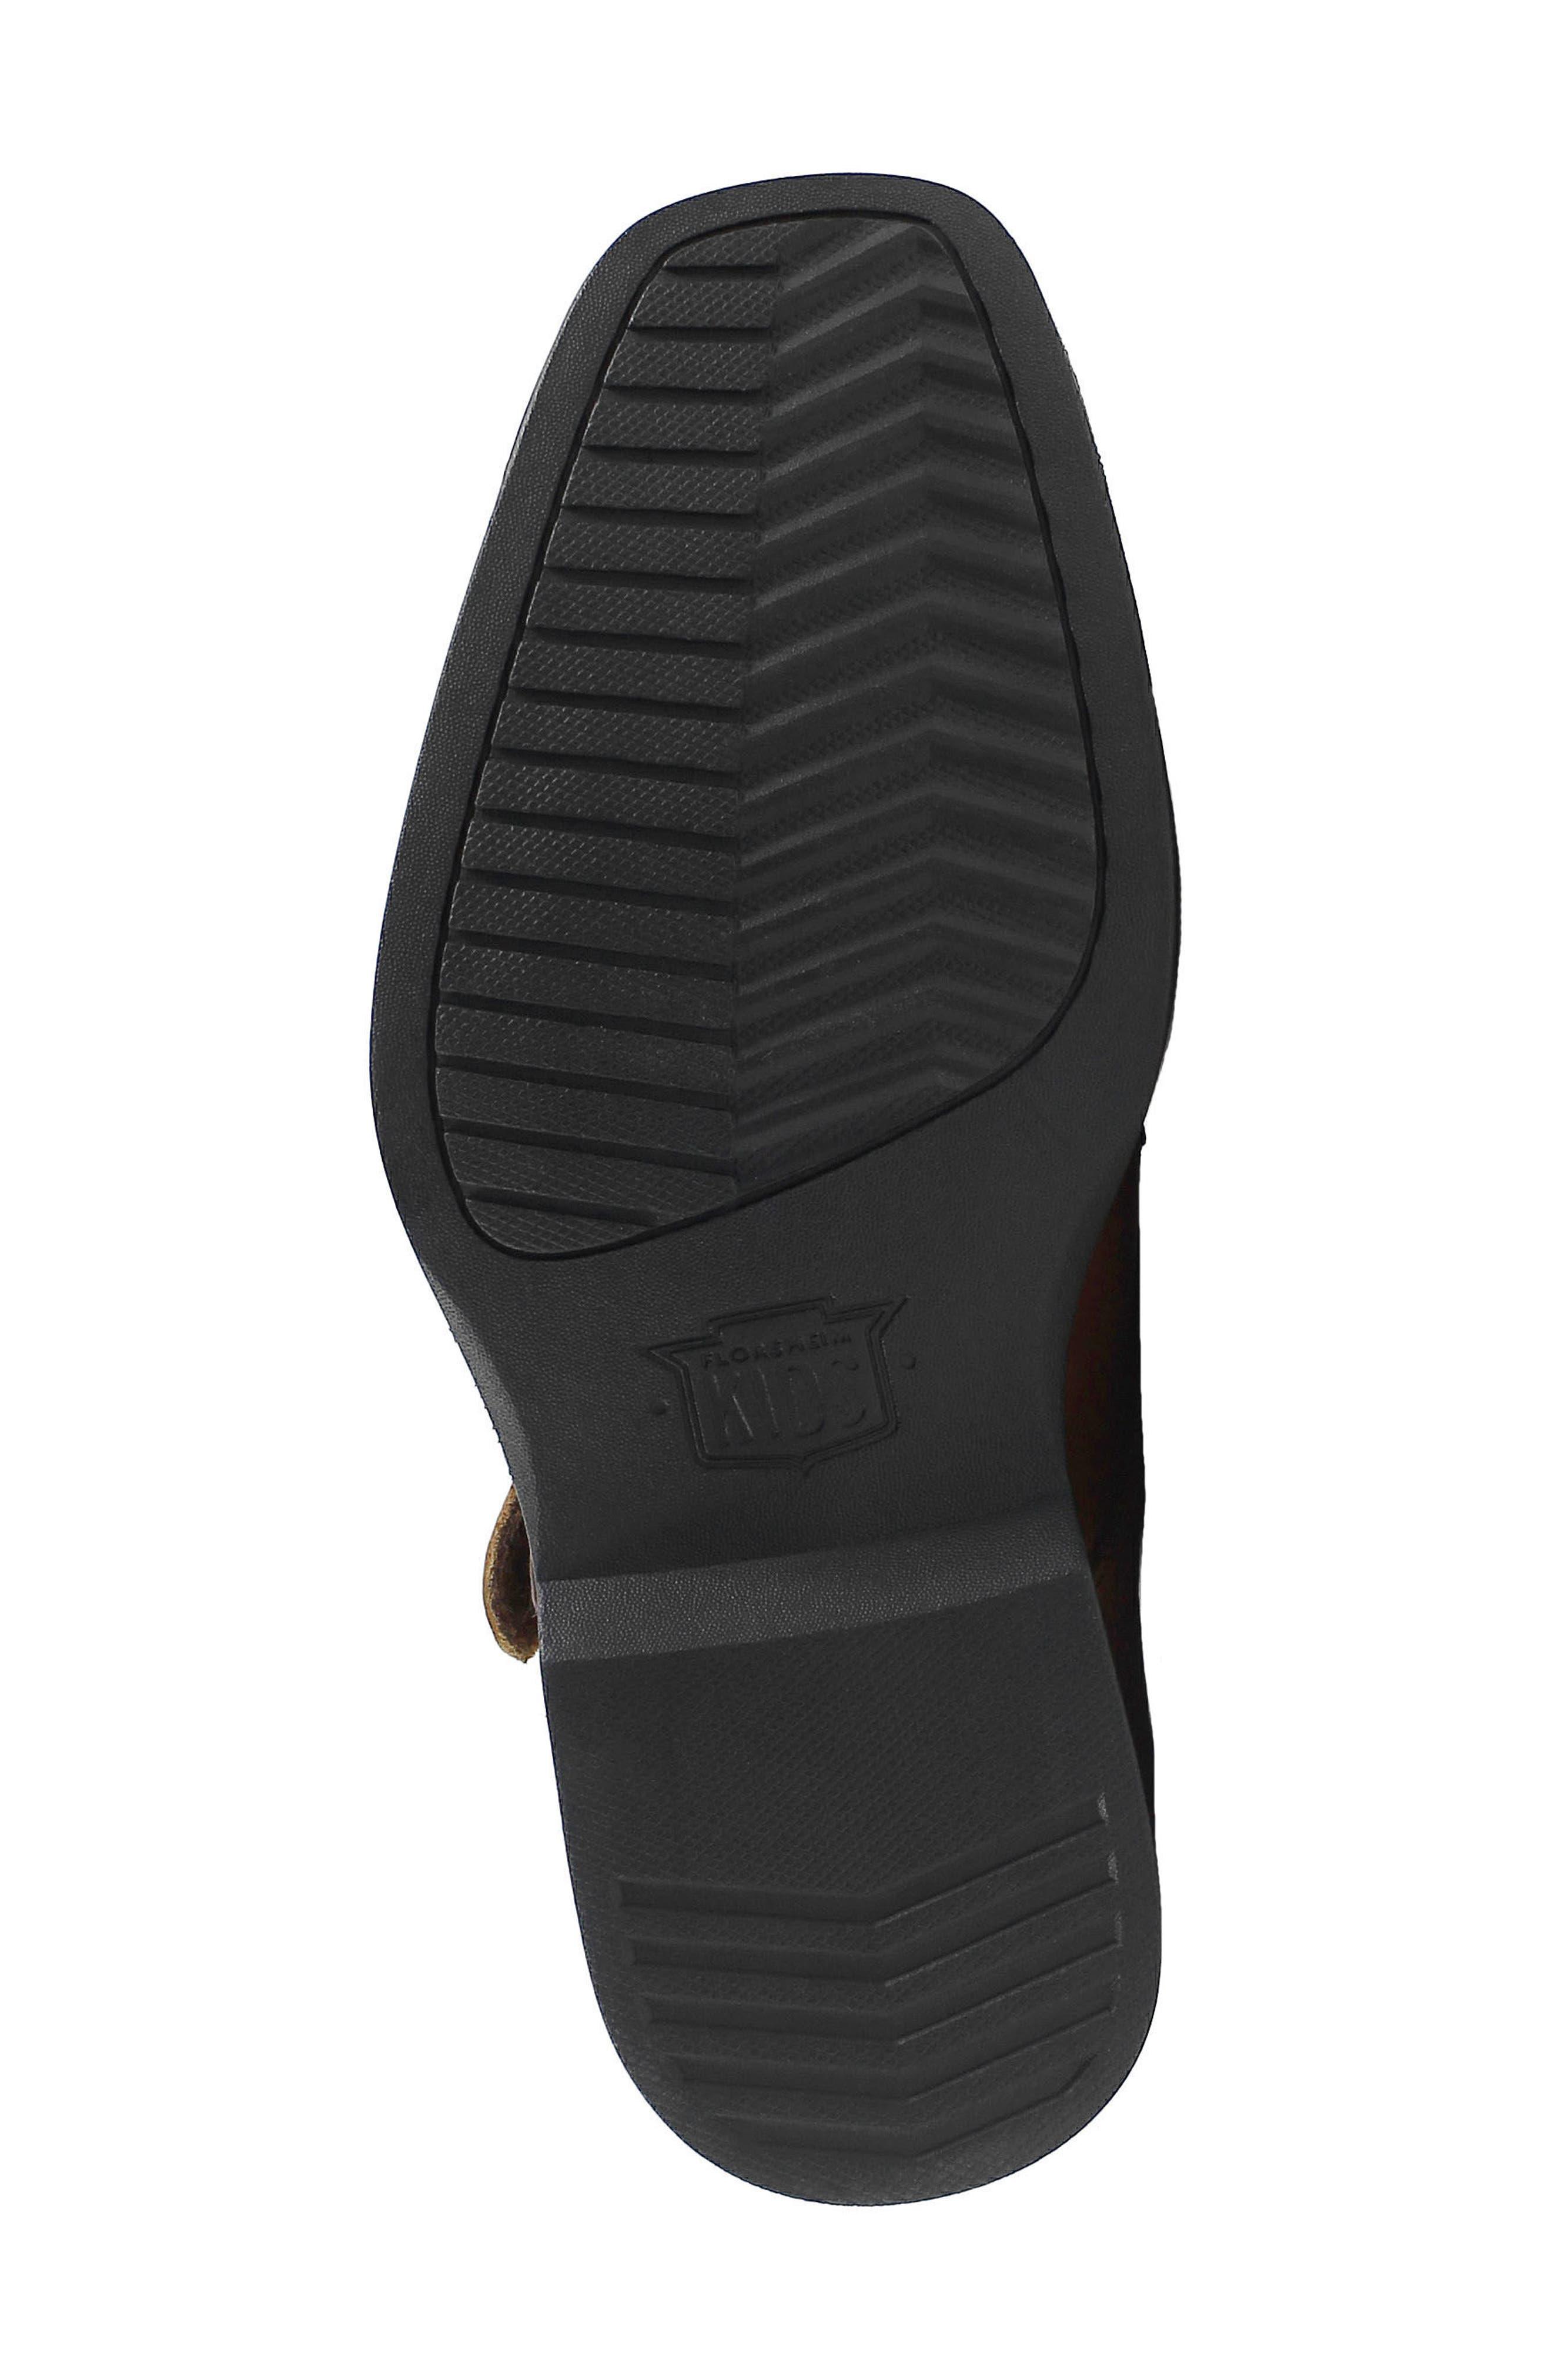 Reveal Double Monk Strap Shoe,                             Alternate thumbnail 6, color,                             COGNAC LEATHER